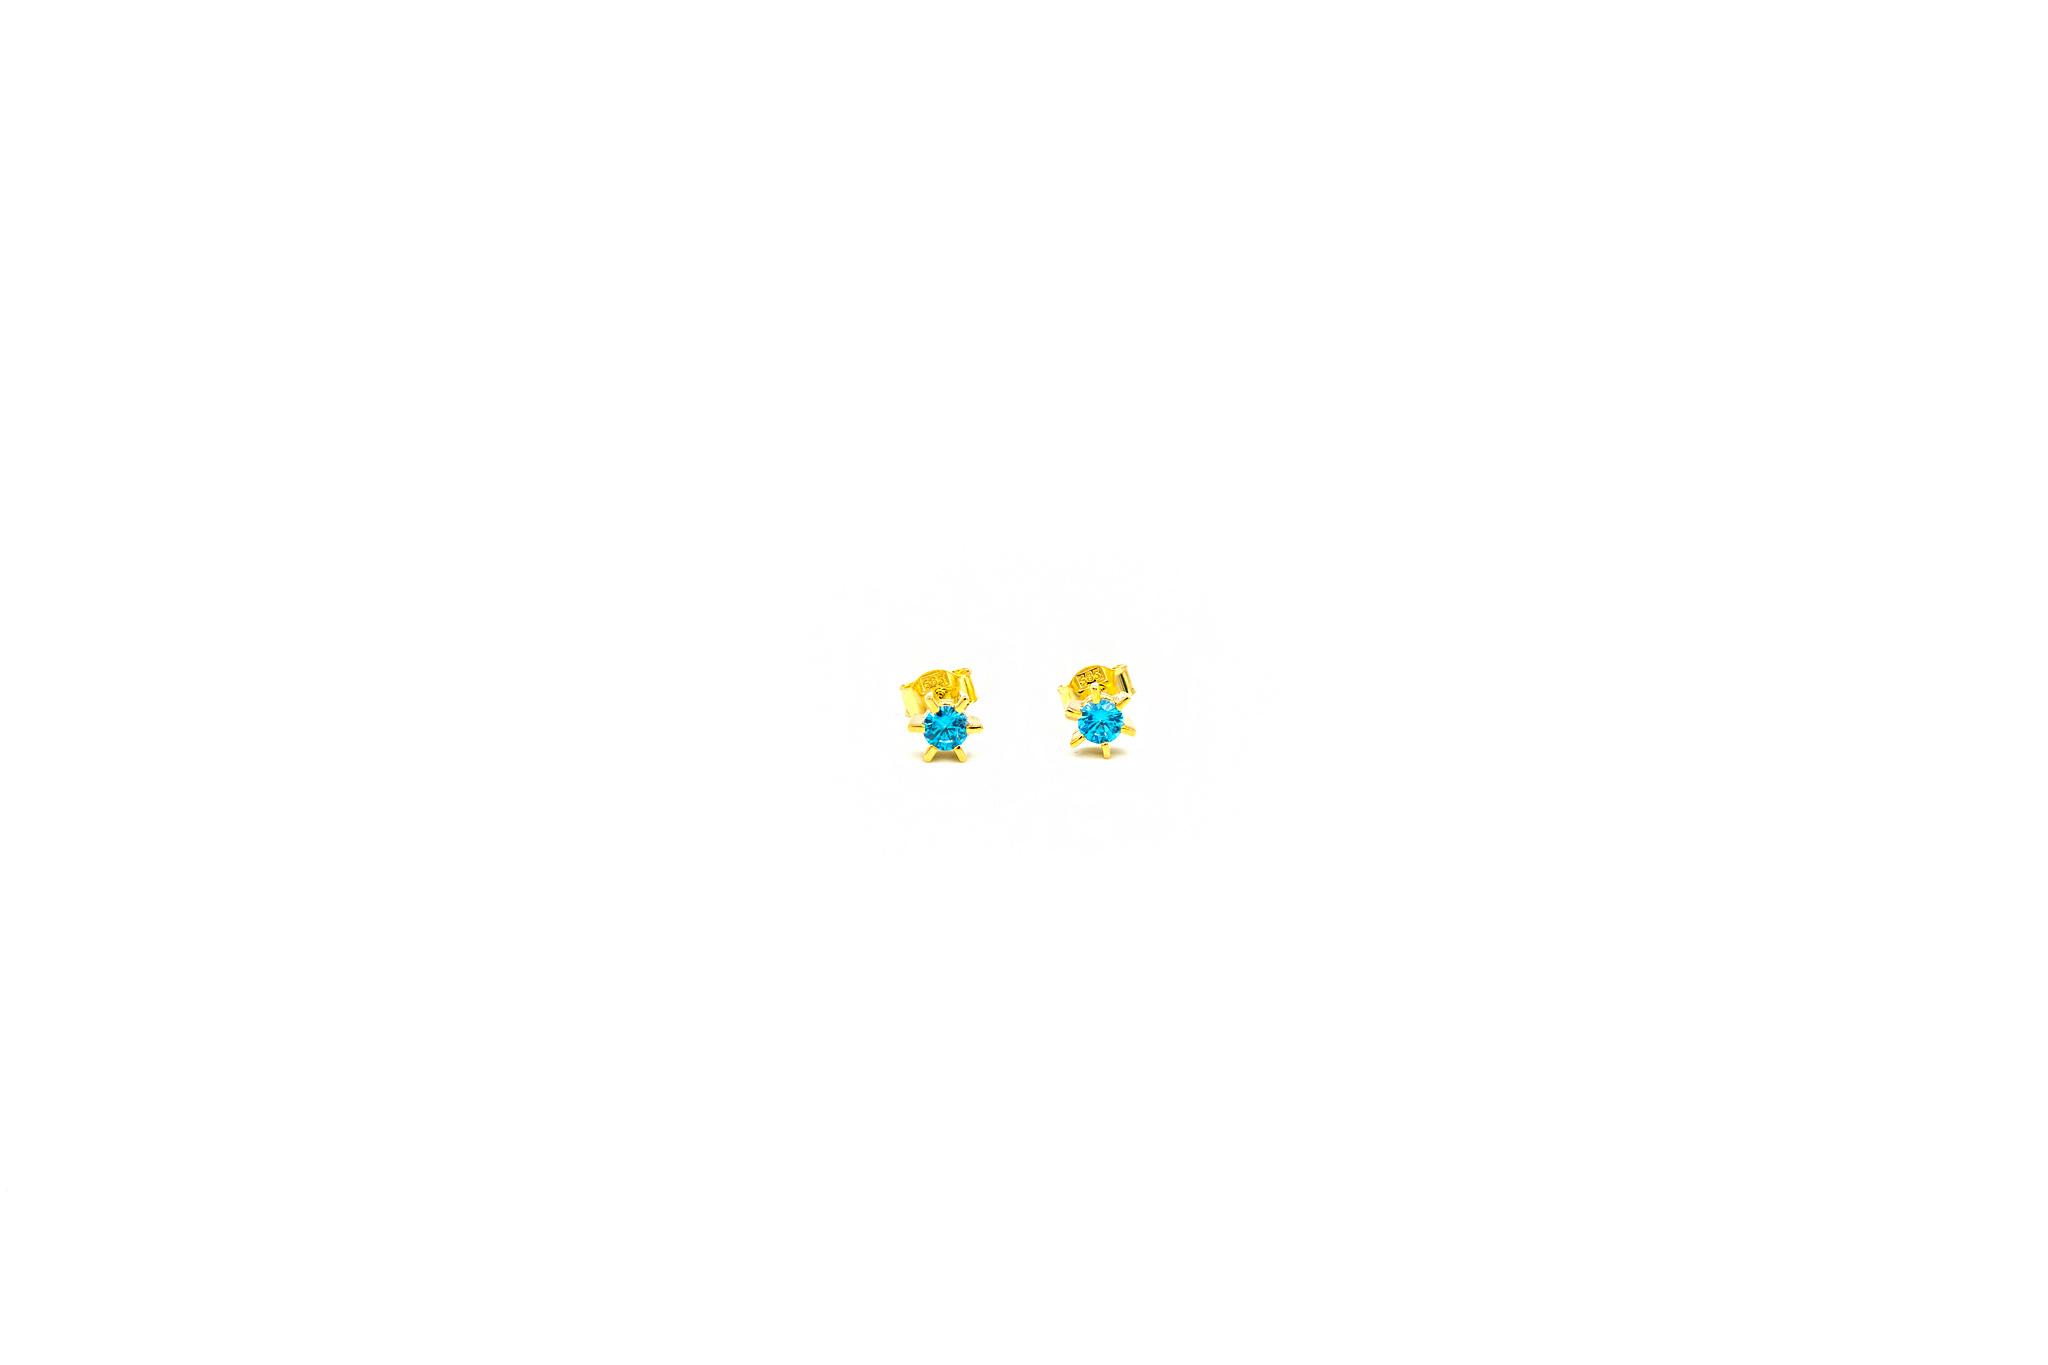 Oorbellen solitair bezet met blauwe zirkonia-1